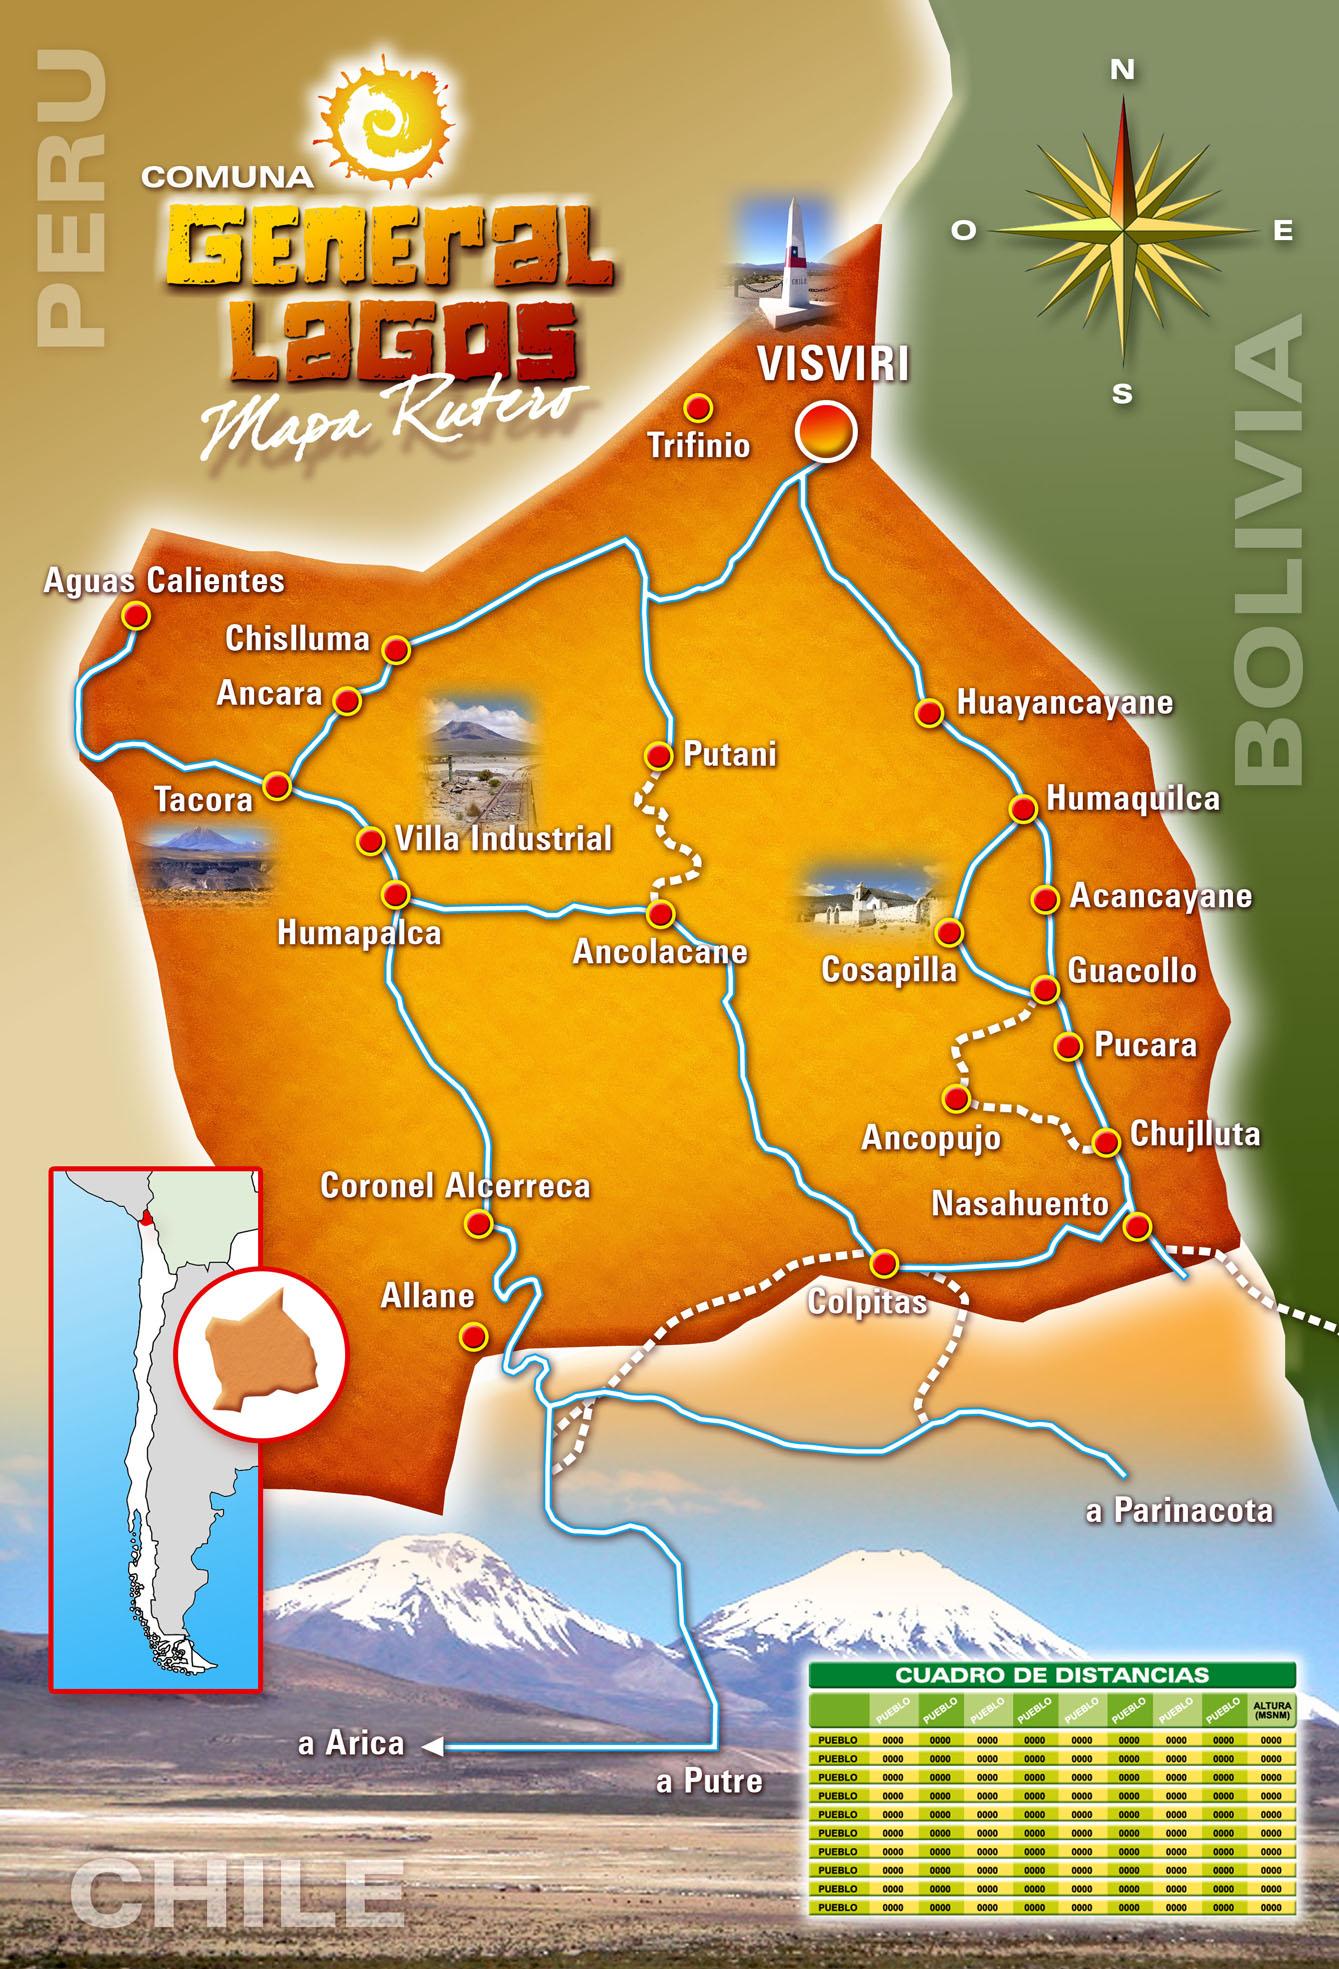 Resultado de imagen de mapa rutero visviri